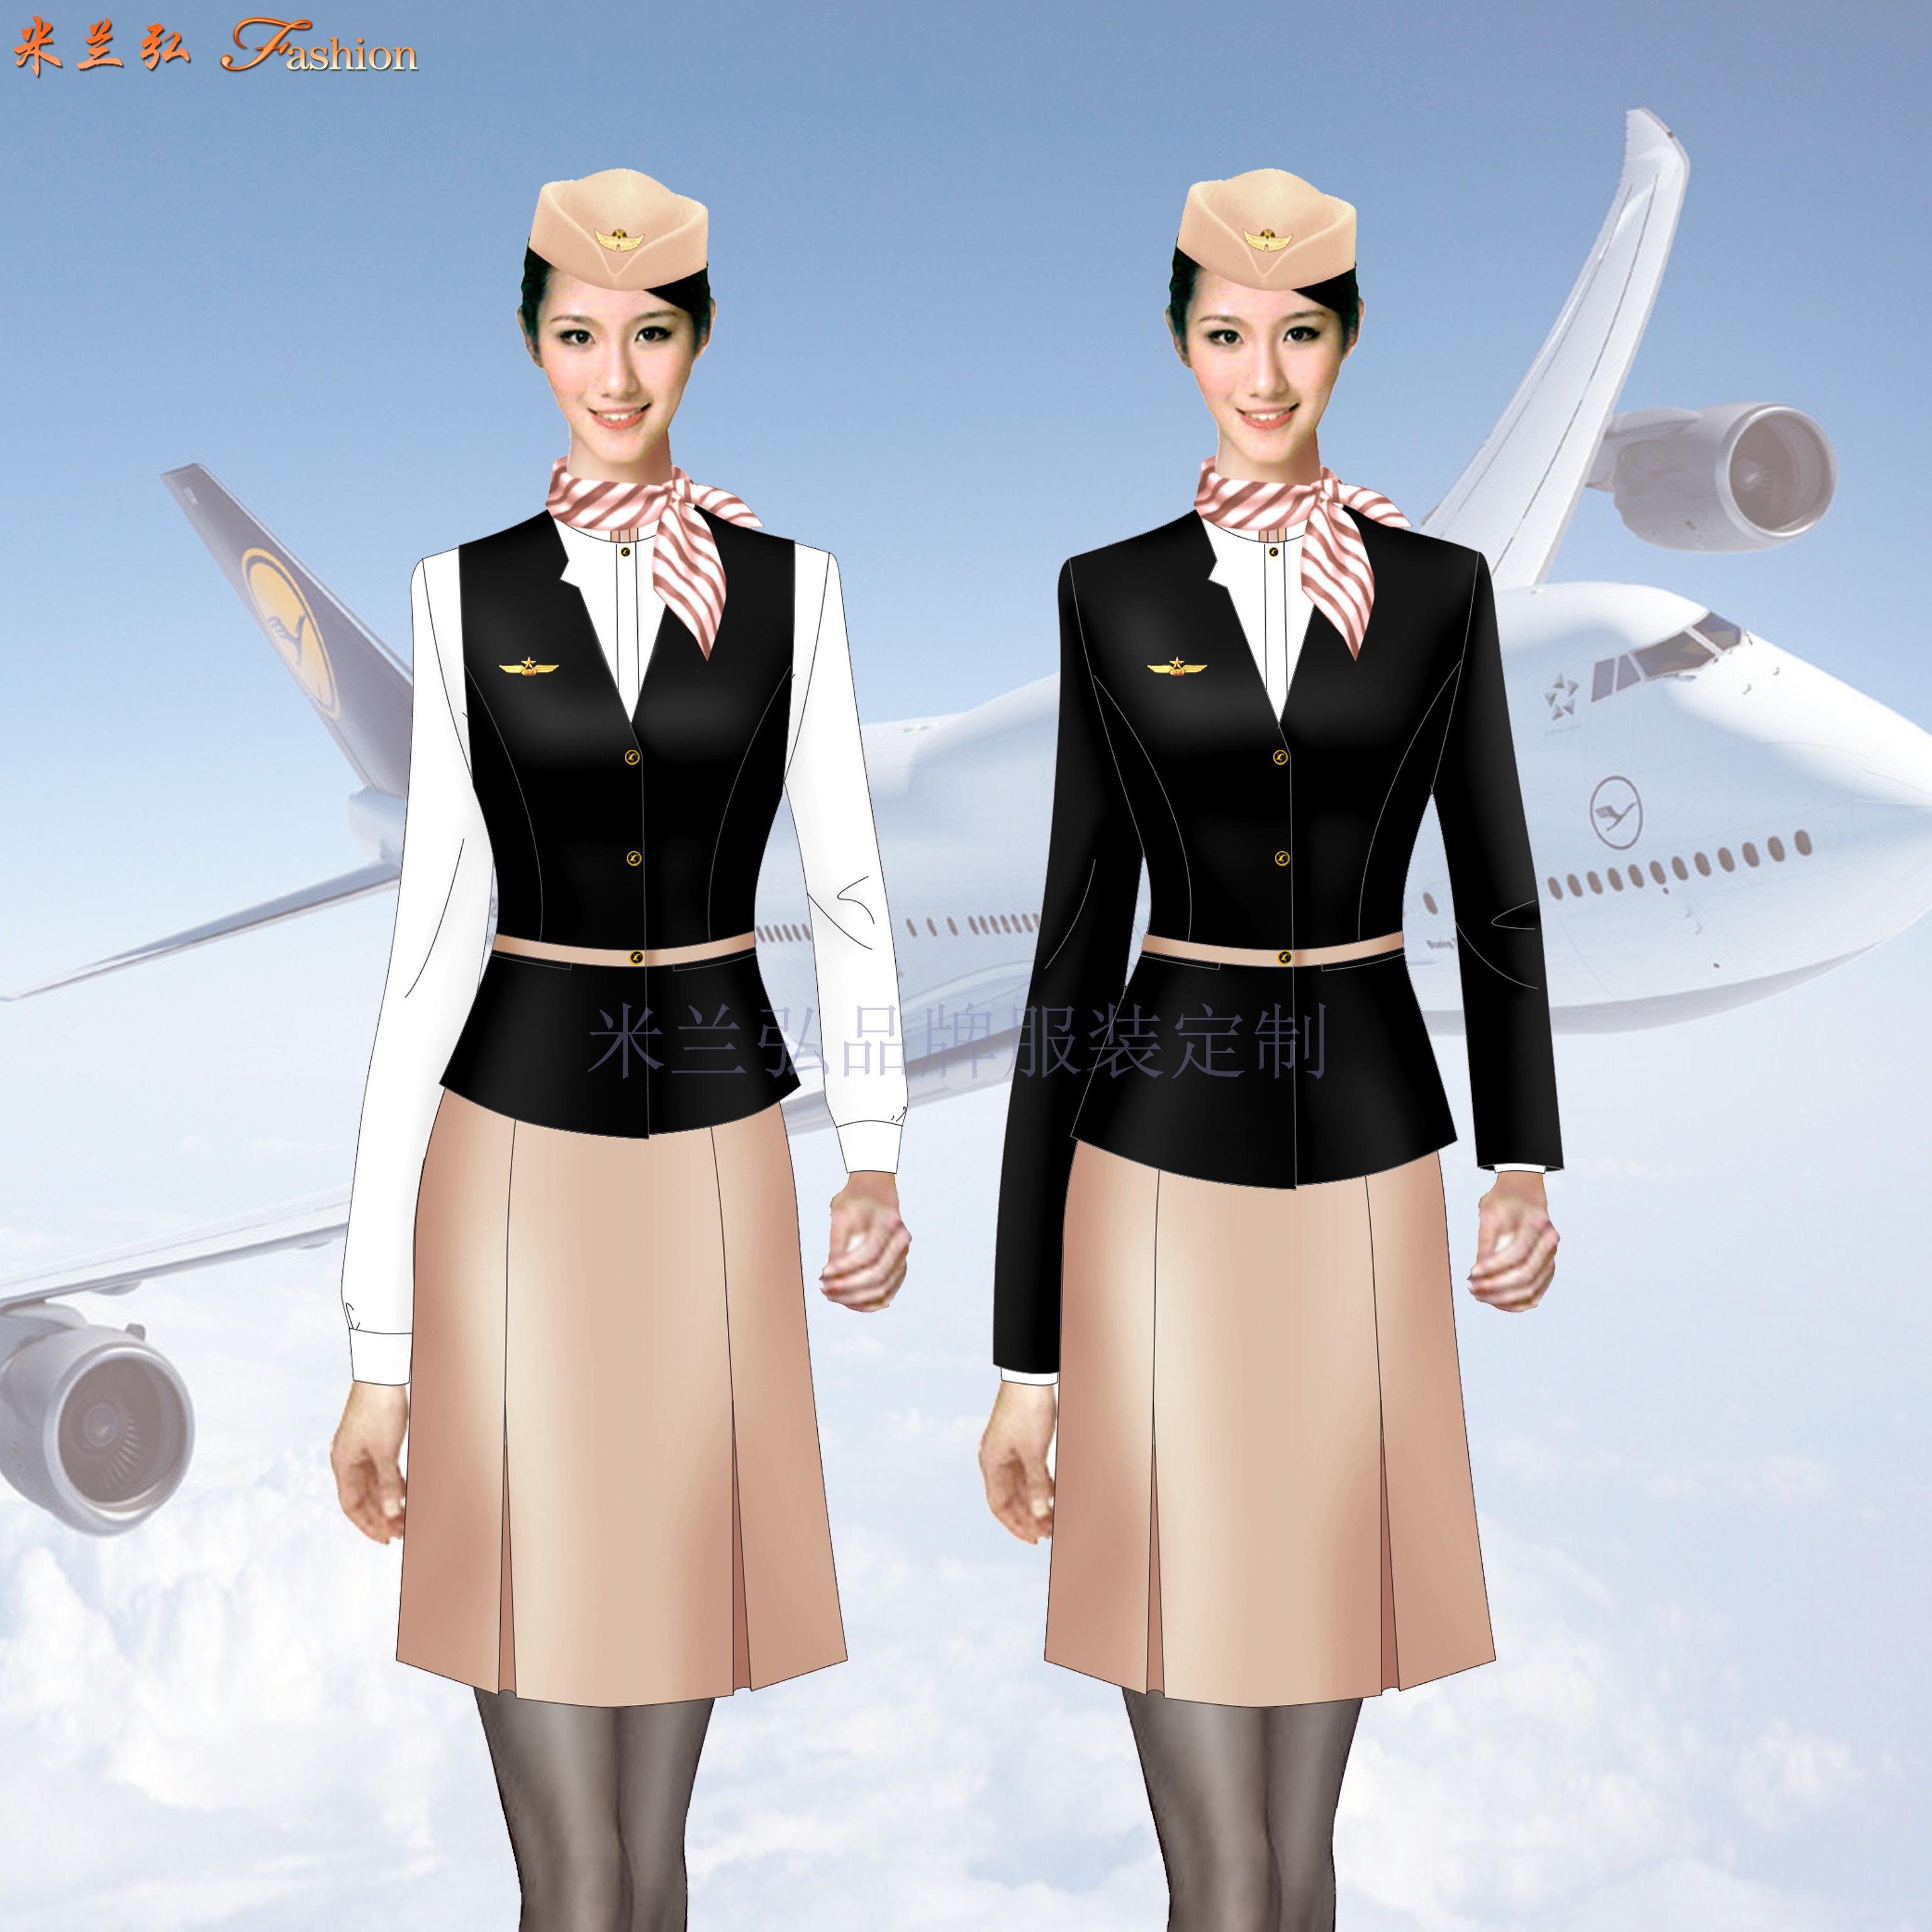 「河北空姐服」滄州市量體定做航空公司空姐服-米蘭弘服裝-2